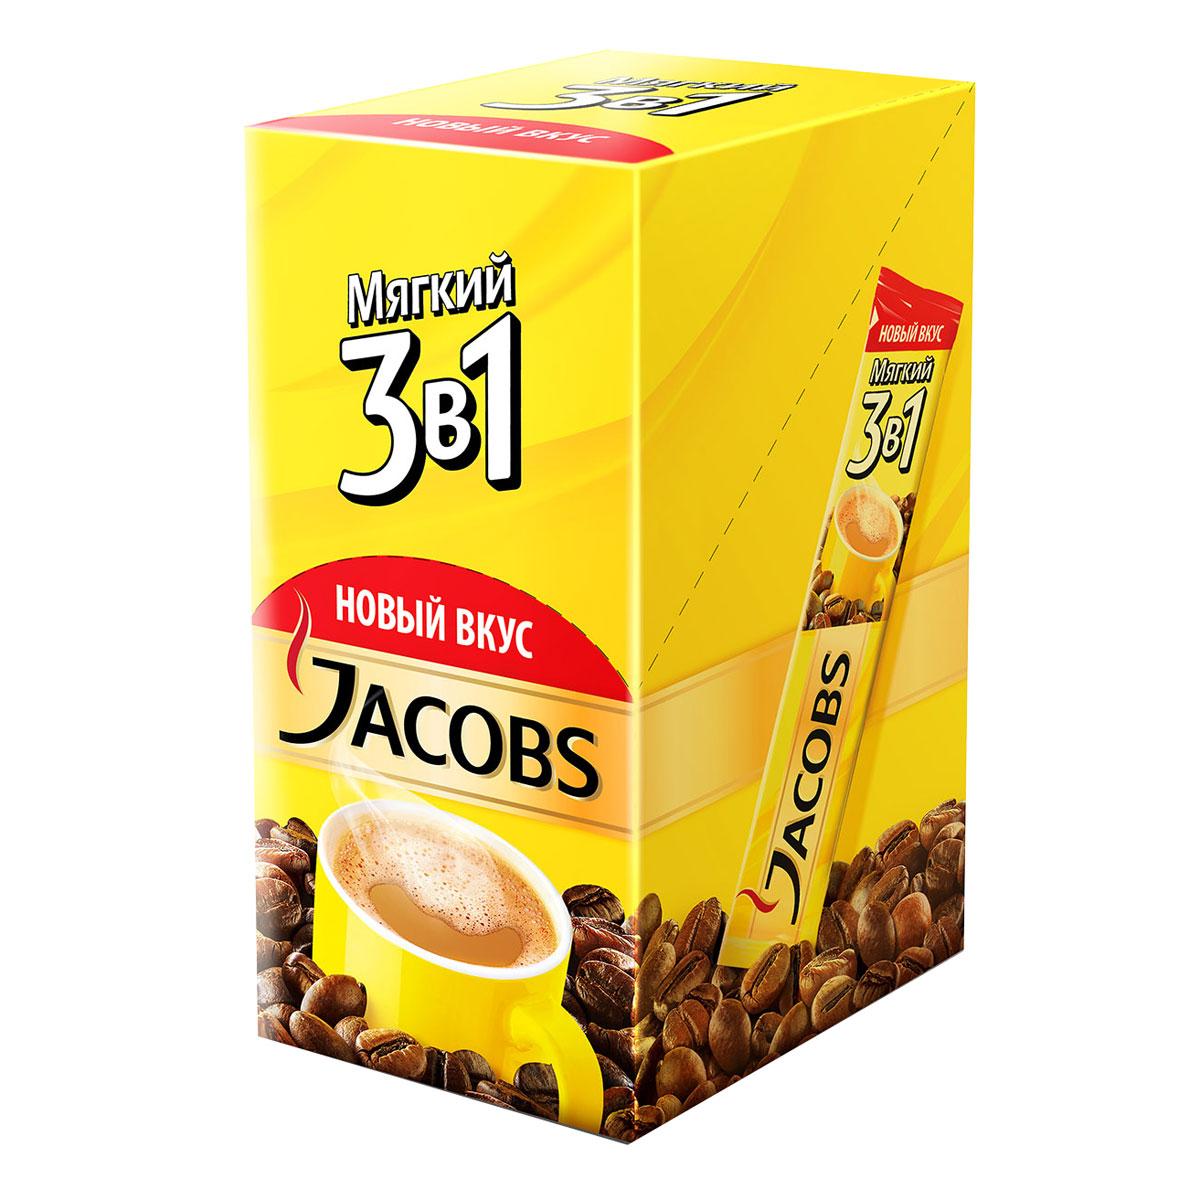 Jacobs Мягкий 3 в 1 напиток кофейный растворимый в пакетиках, 20 шт